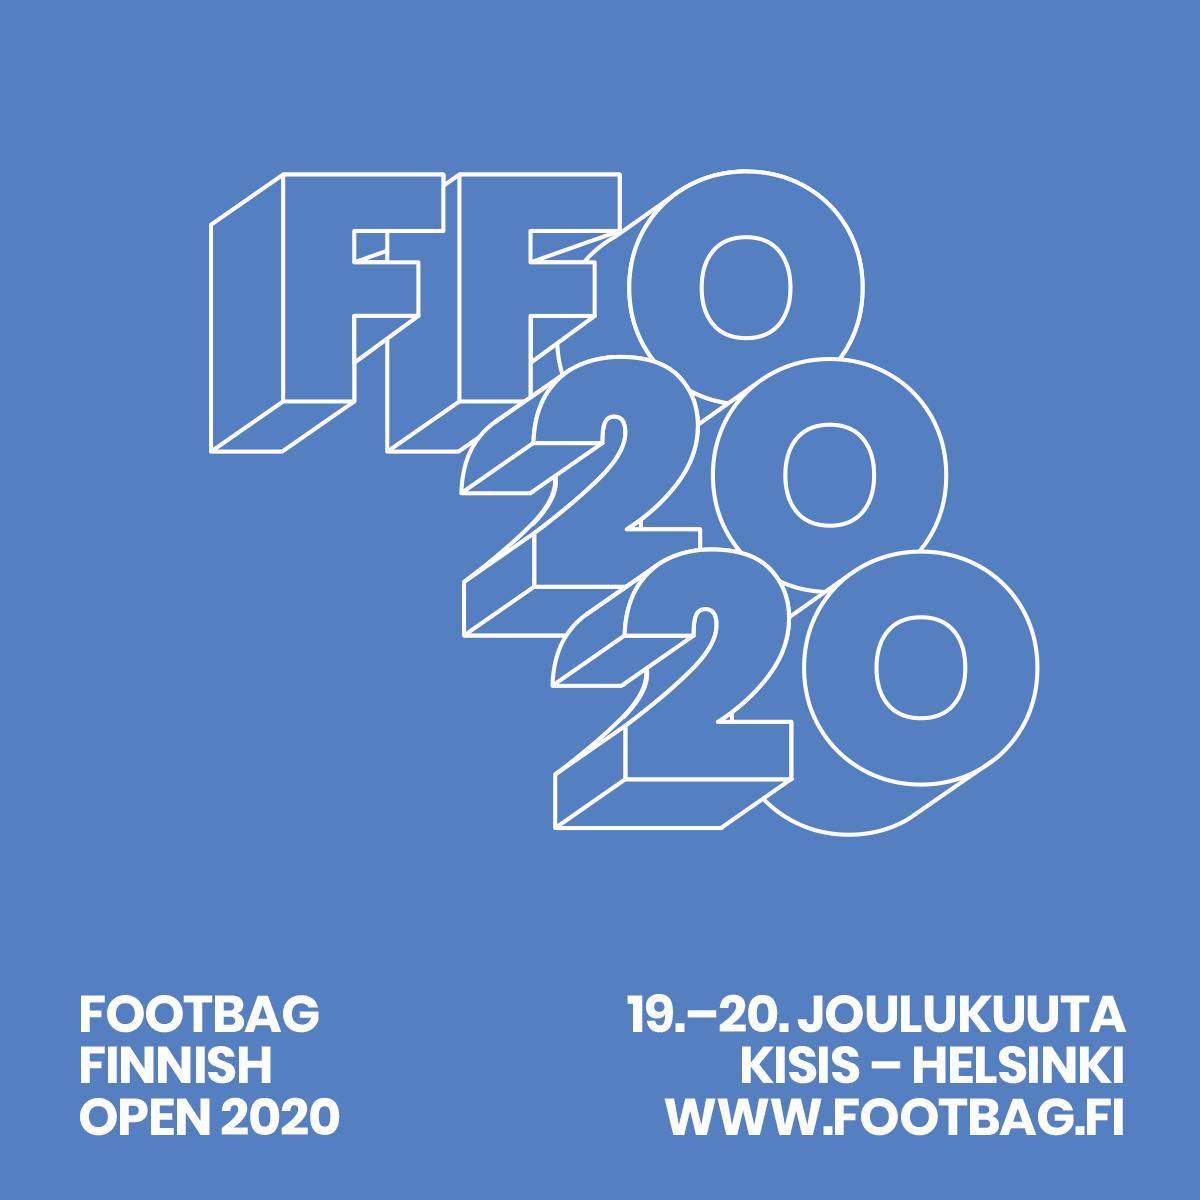 Footbag Finnish Open 2020 Helsingin Kisahallissa 19.-20.12.